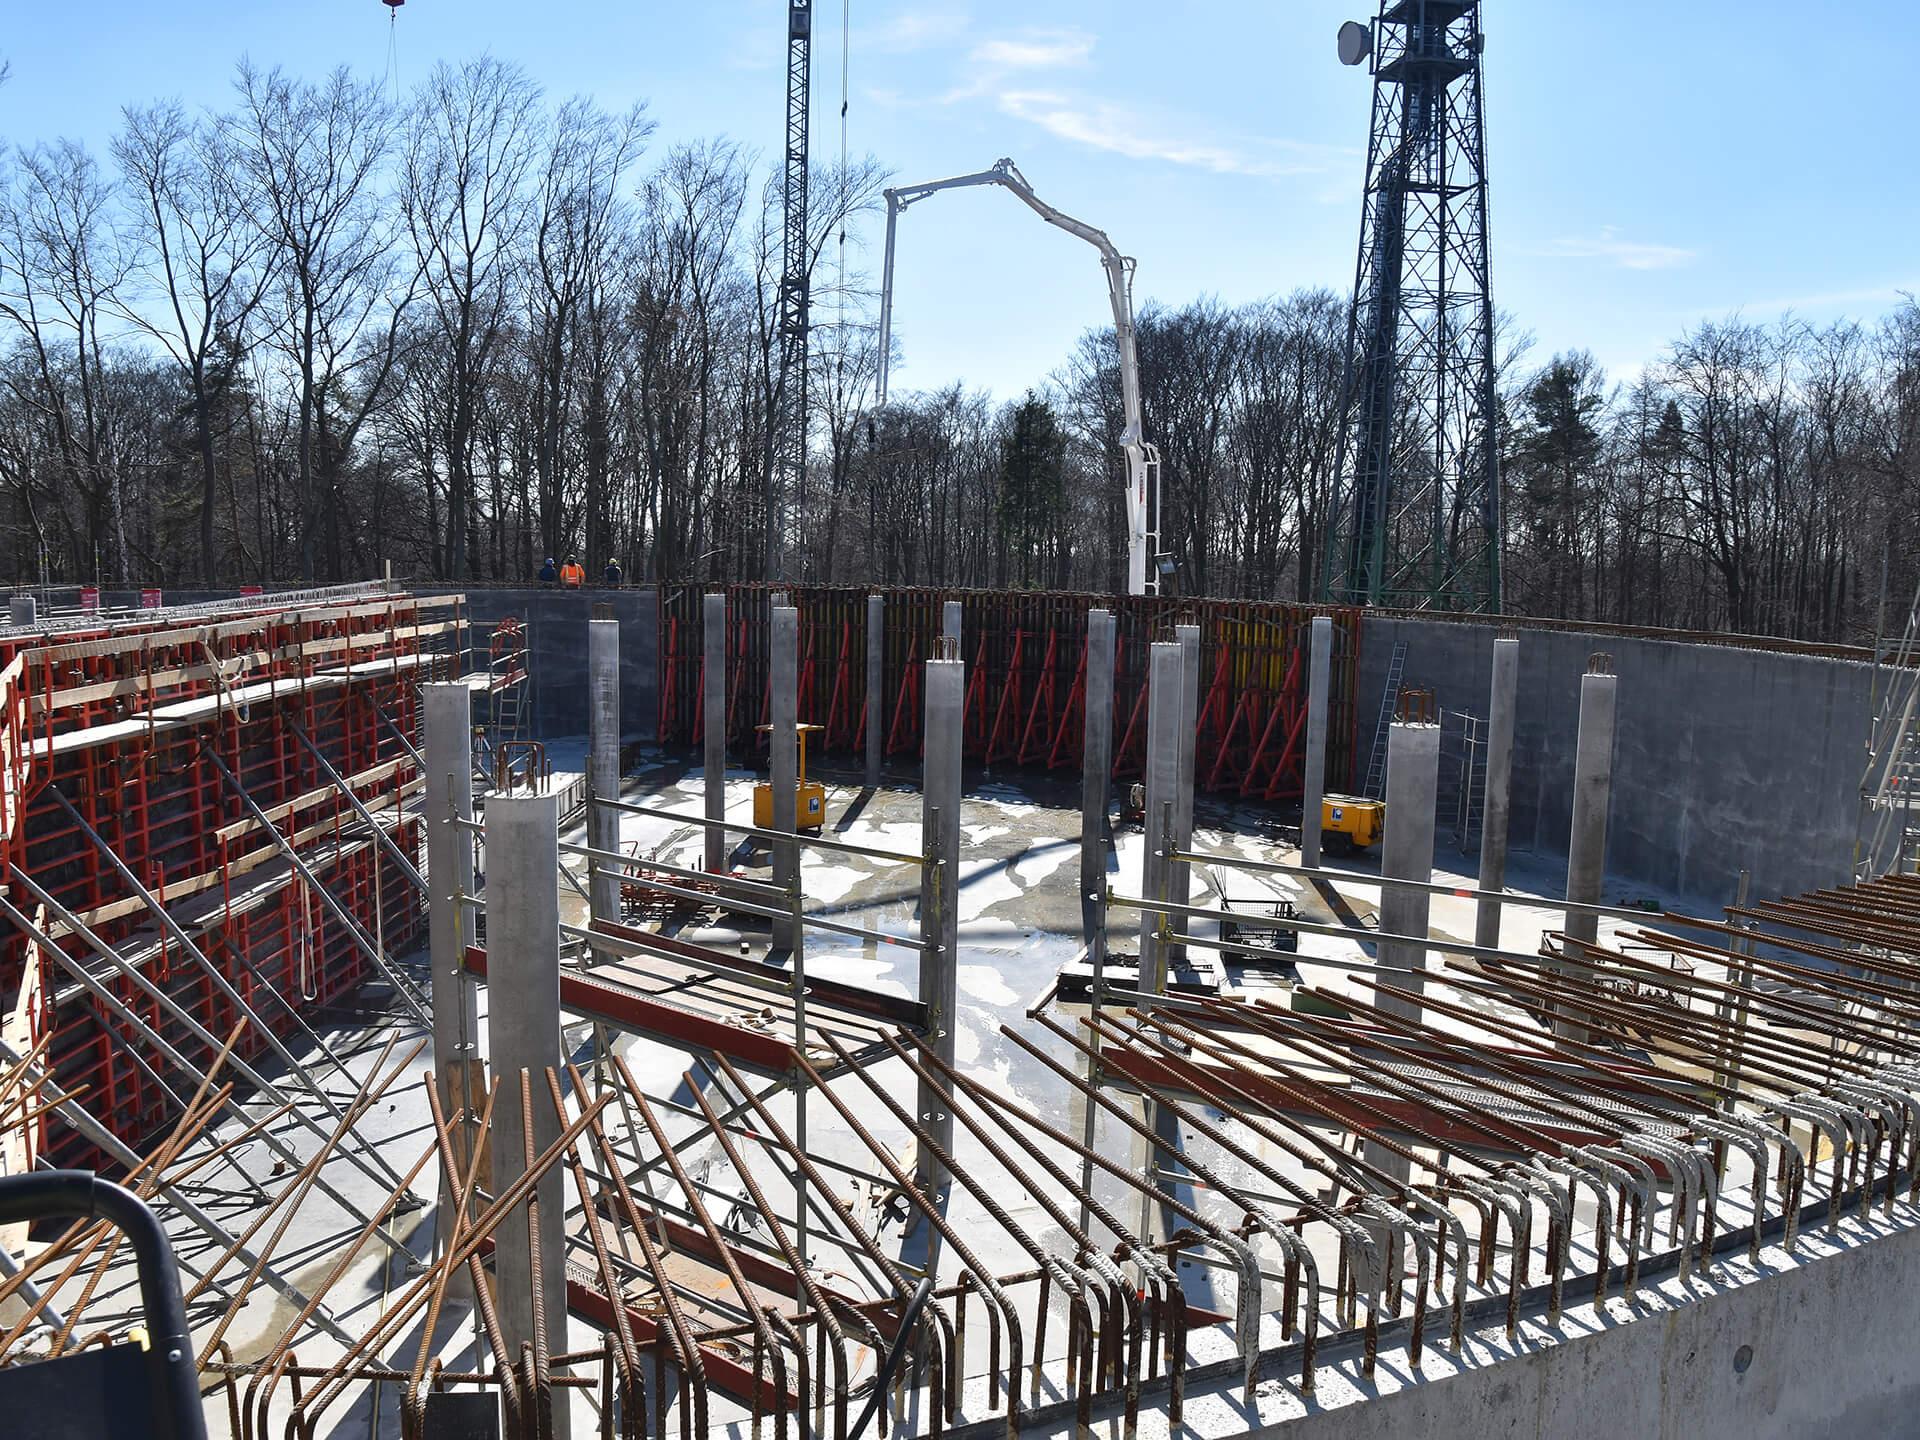 Neubau der Wasserkammer 1: links im Bild die Schalung der Leitwand, Bildmitte und rechts bereits fertig betonierte Außenwandabschnitte und Stützen